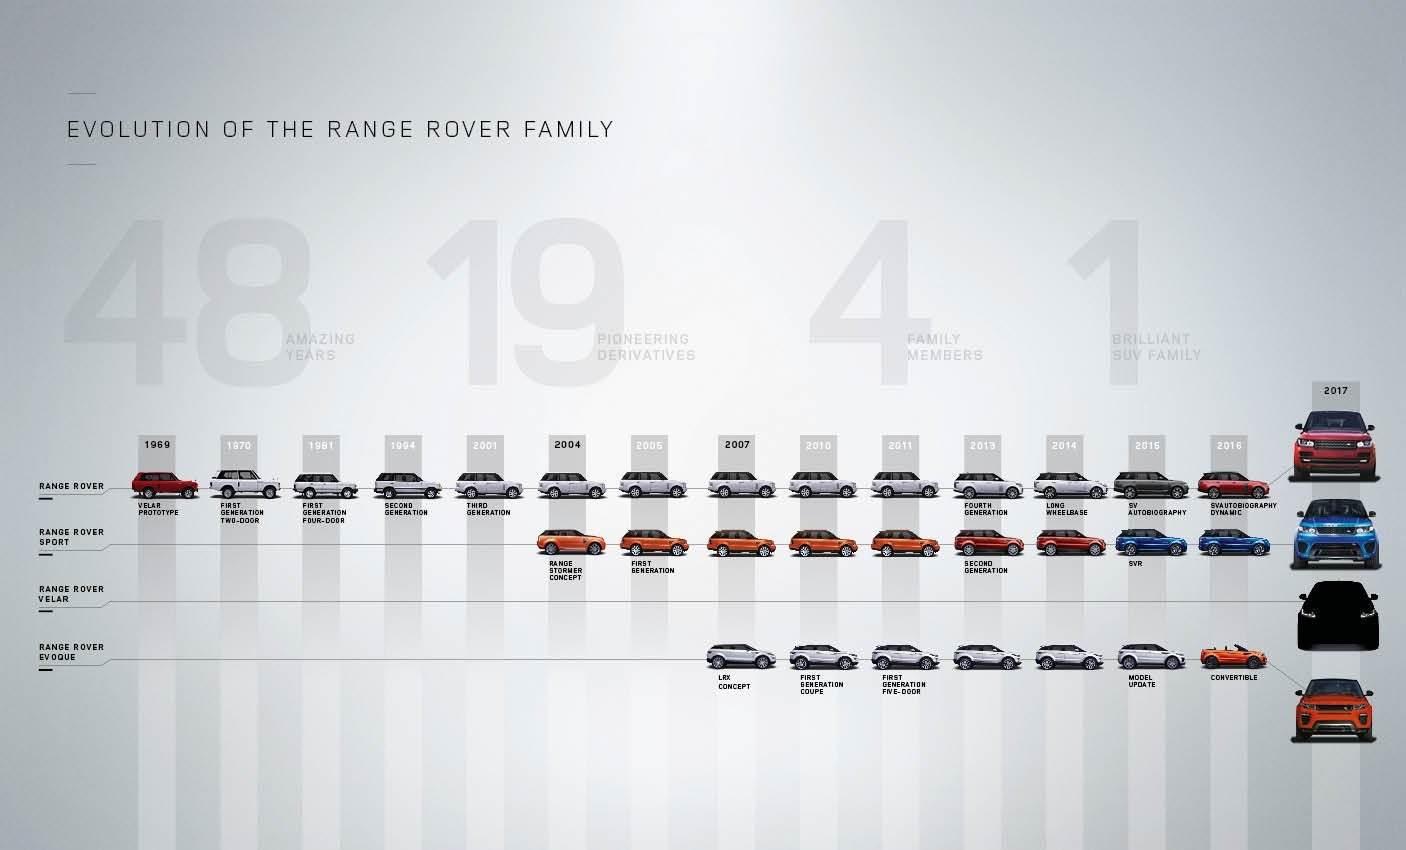 Evoluția familiei Range Rover din 1969 până în prezent